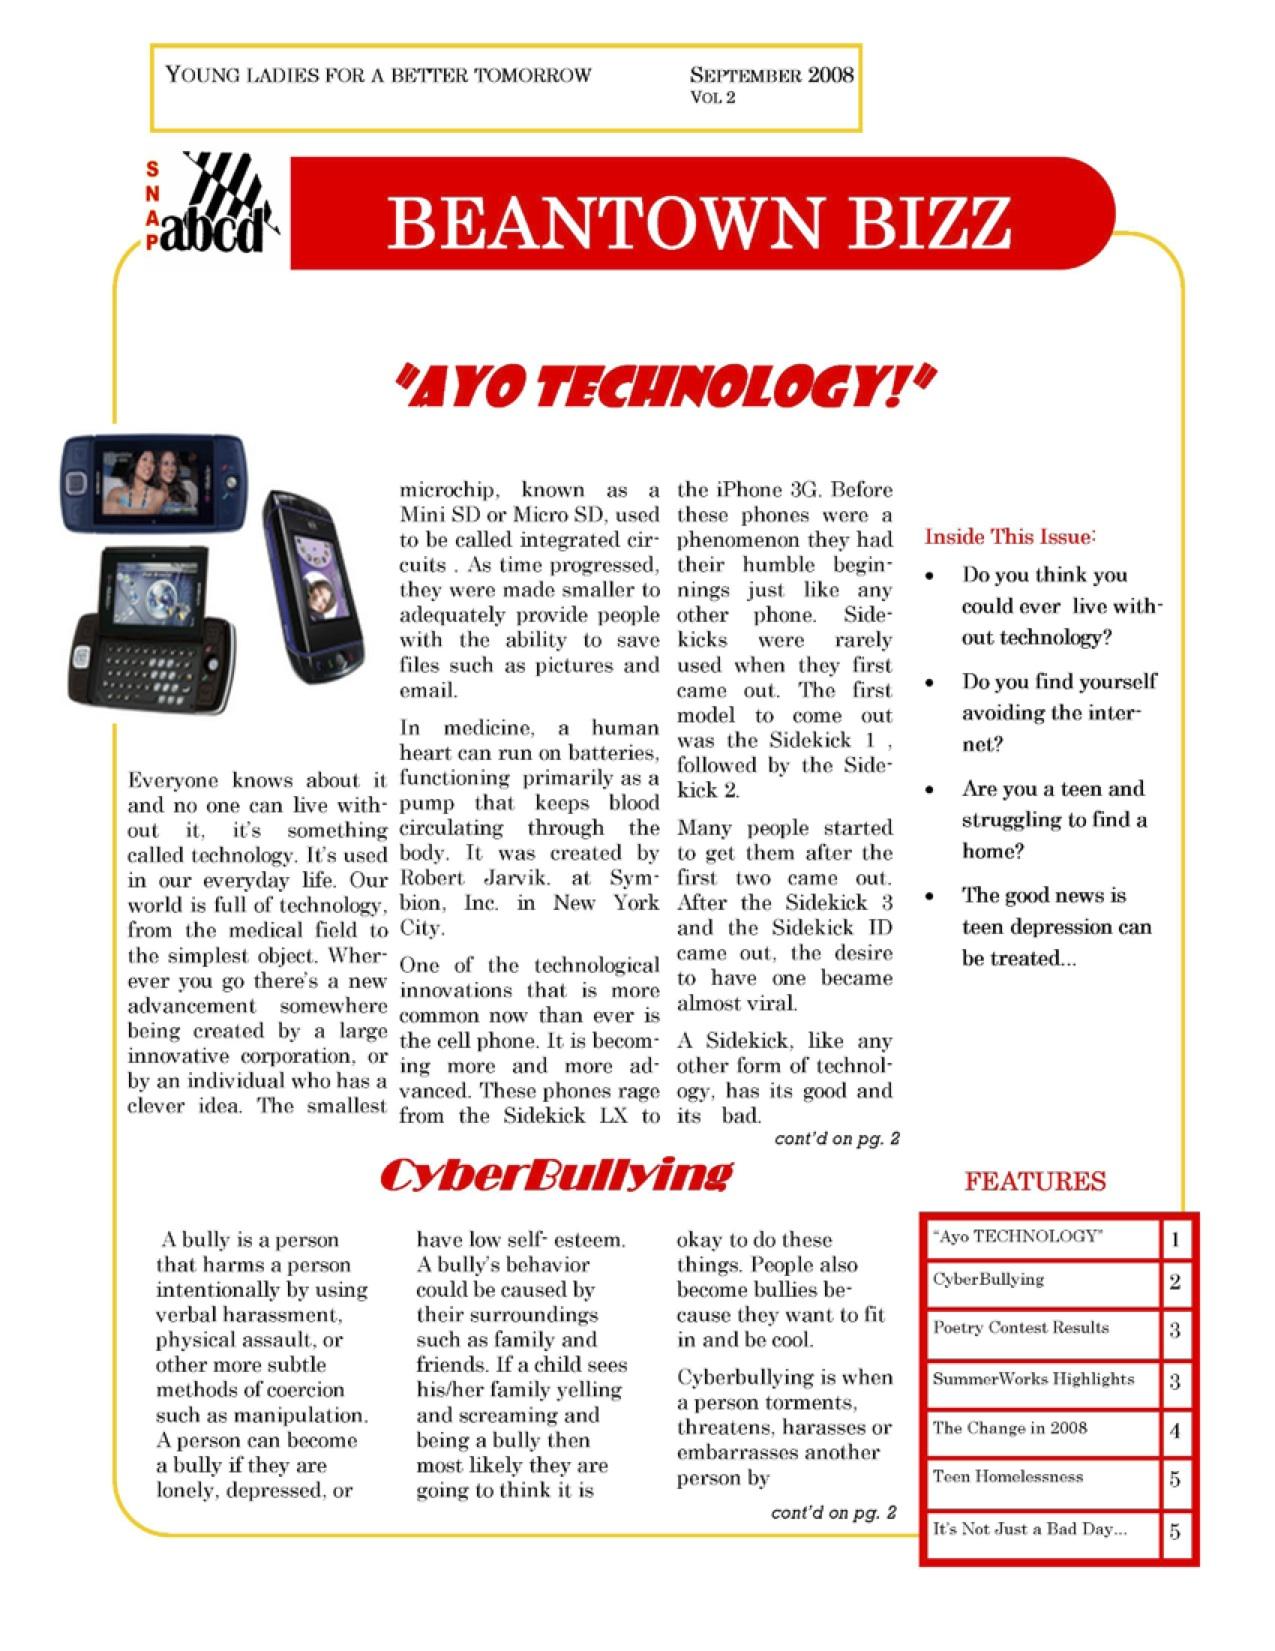 beantownbizz2008 .jpg